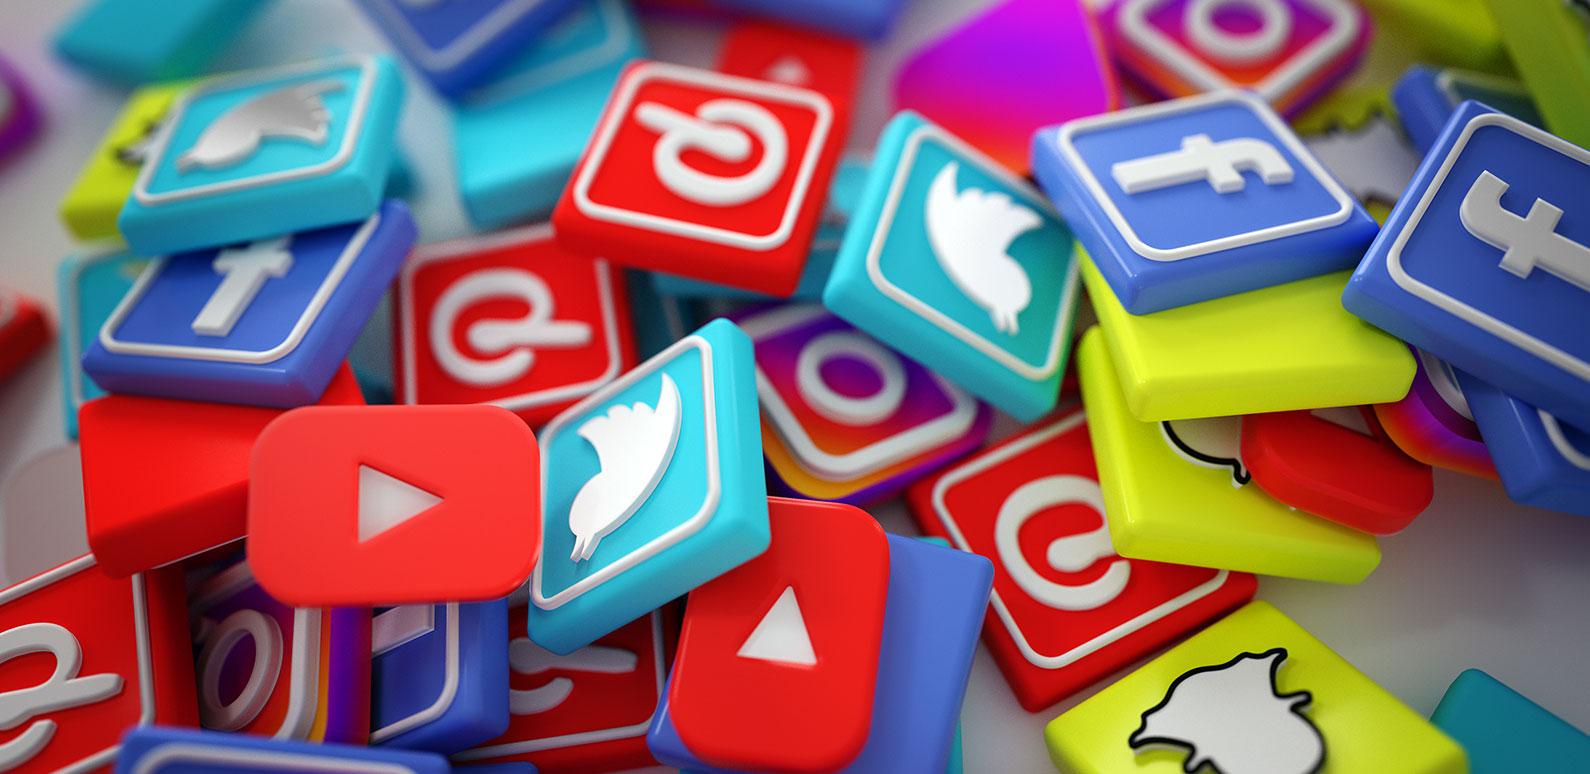 Link Social Media per Header e Footer su Ecommerce